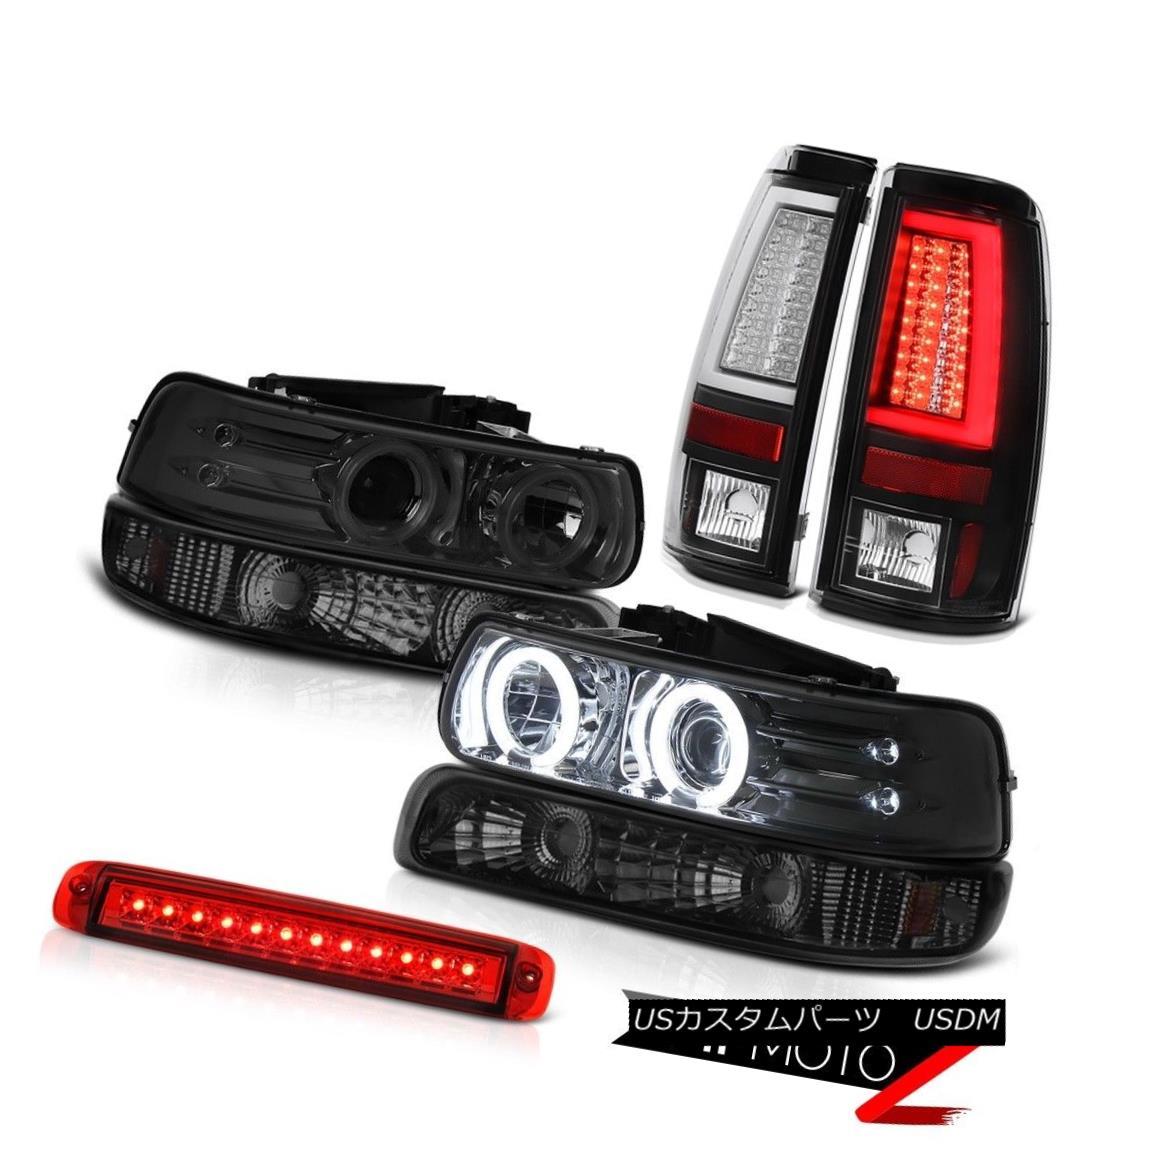 テールライト 99 00 01 02 Silverado 4WD Taillamps 3rd Brake Lamp Parking Light Headlamps LED 99 00 01 02 Silverado 4WD Taillamps第3ブレーキランプパーキングライトヘッドランプLED